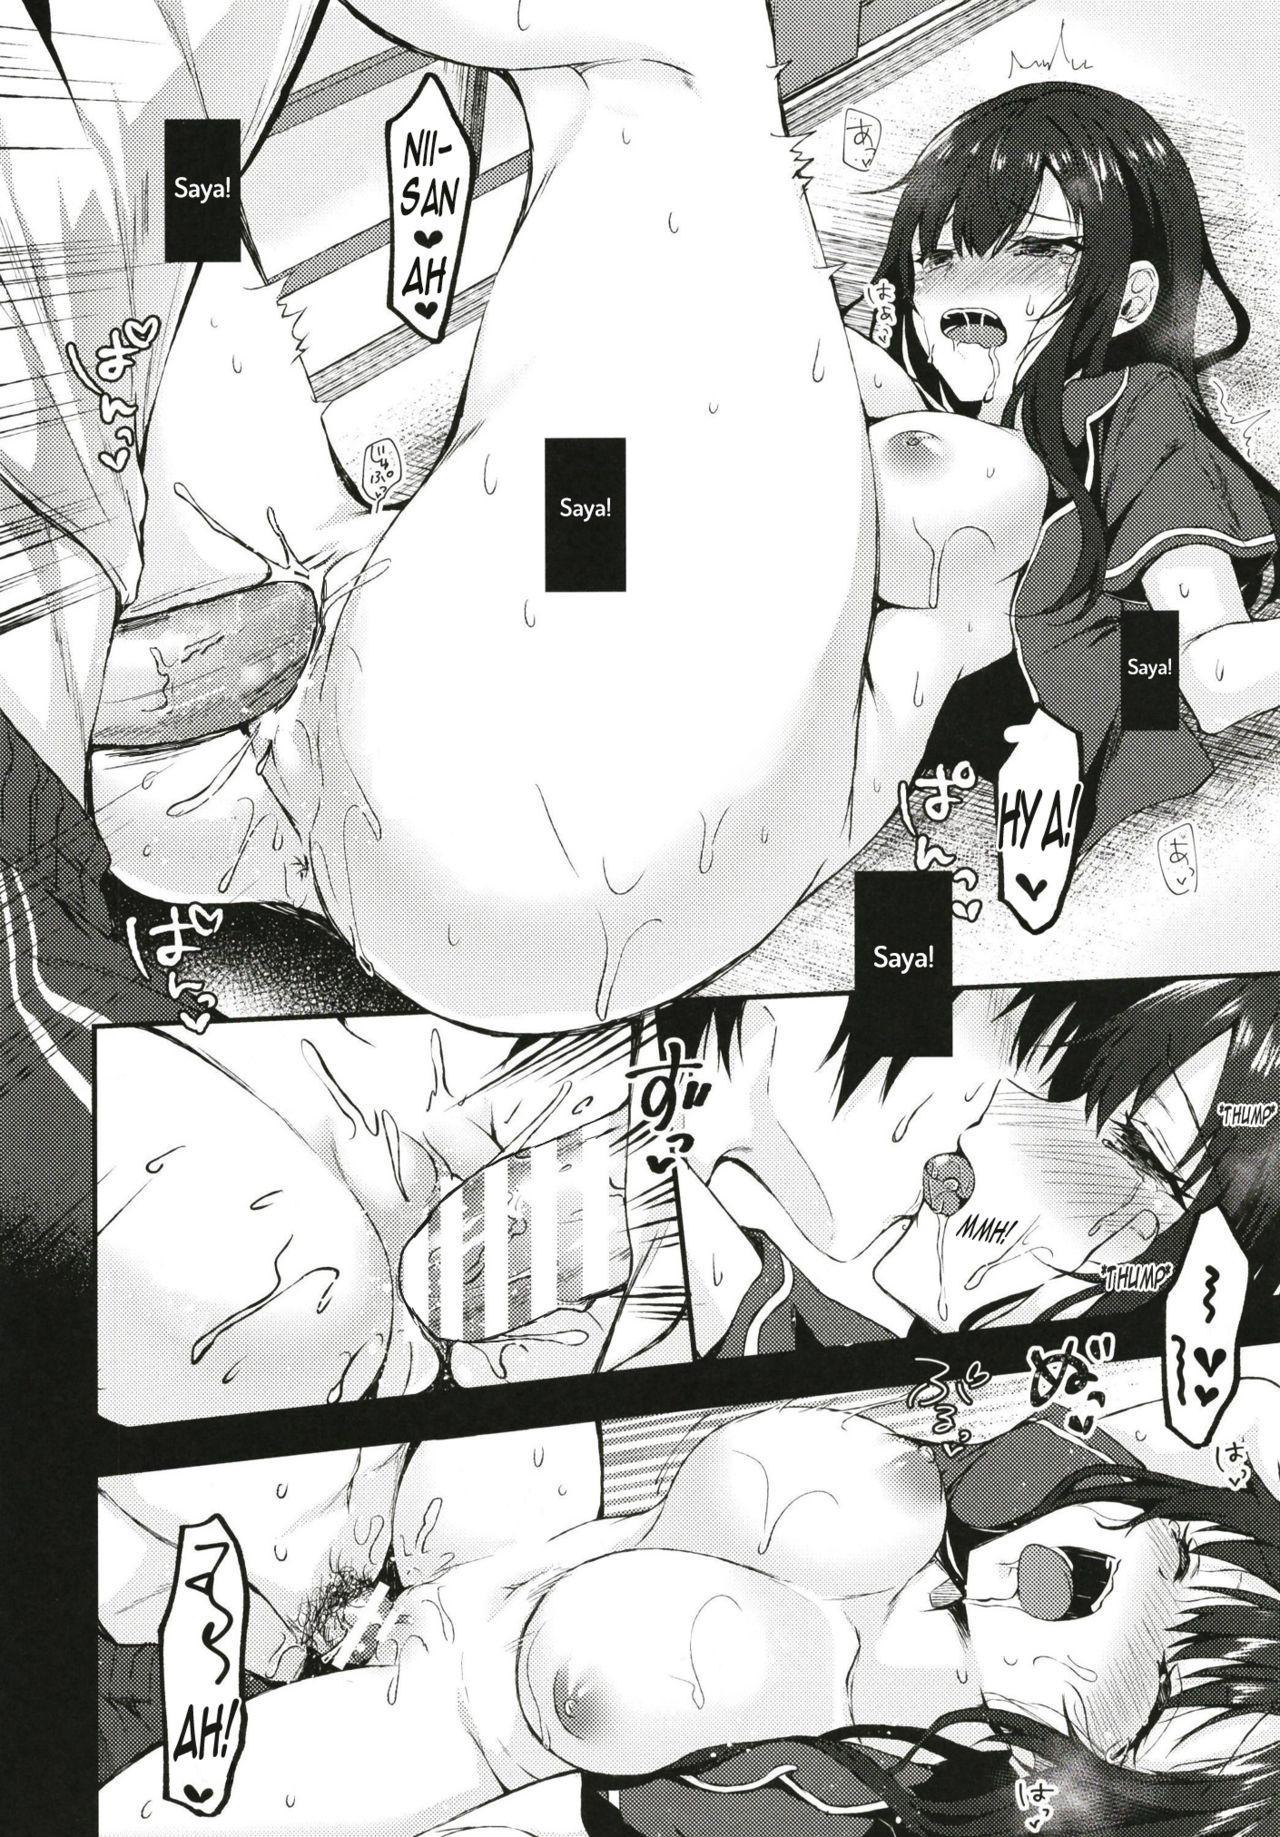 Nandemo Yasashiku Ukeirete Kureru Imouto 23